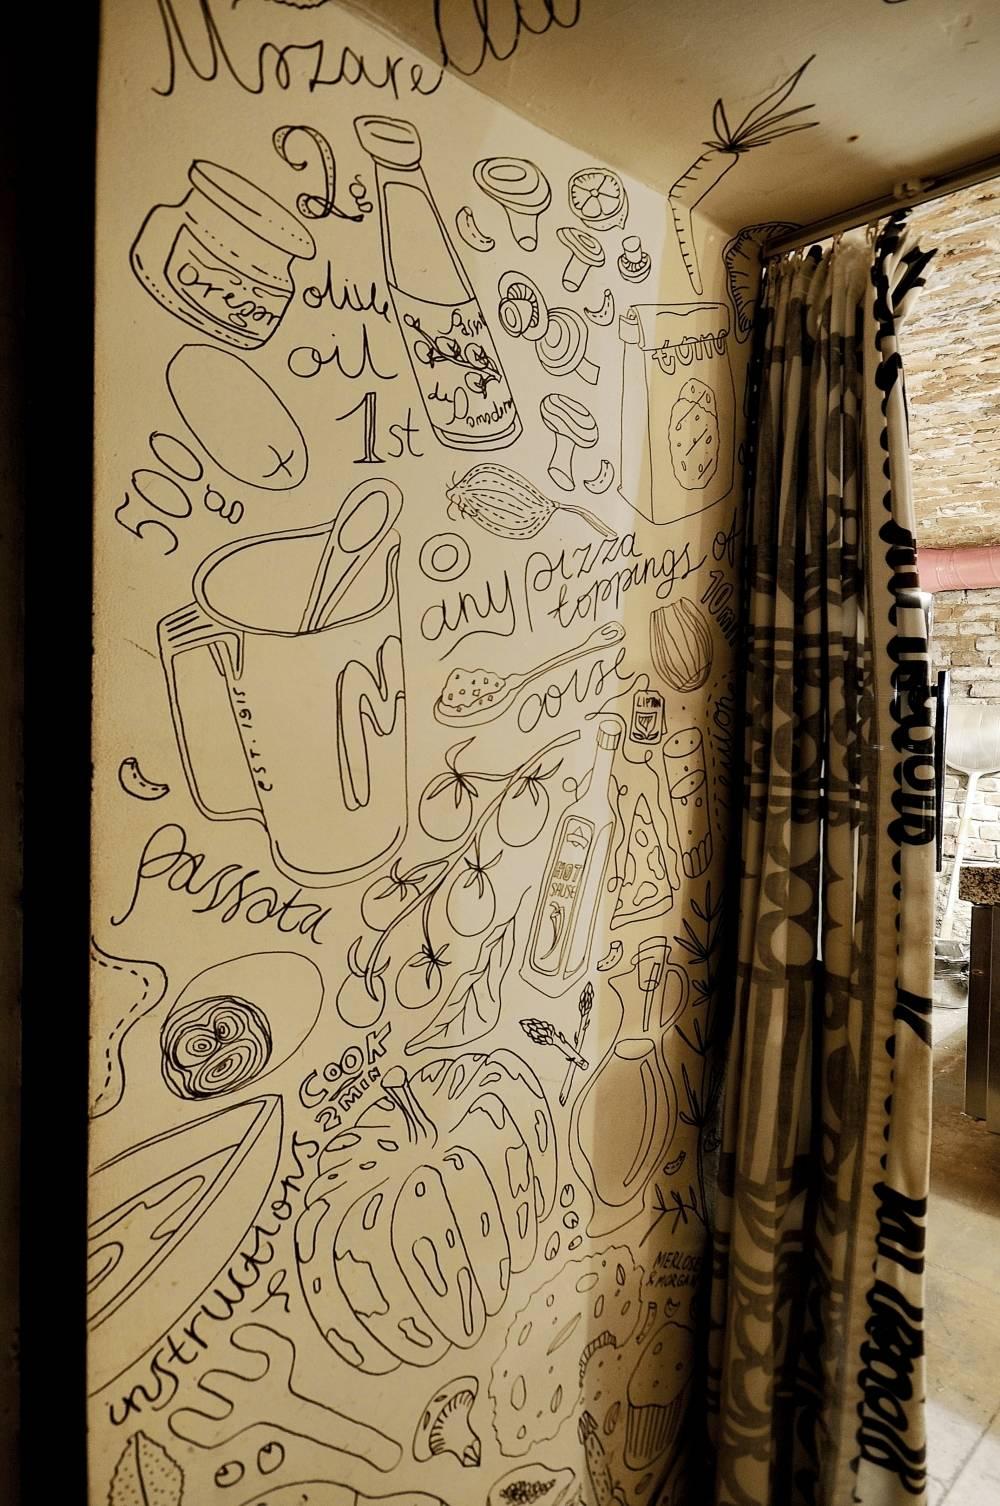 Арку в санузел Саранин Артемий разрисовал маркерам, образами выступили составляющие ингредиенты пиццы.